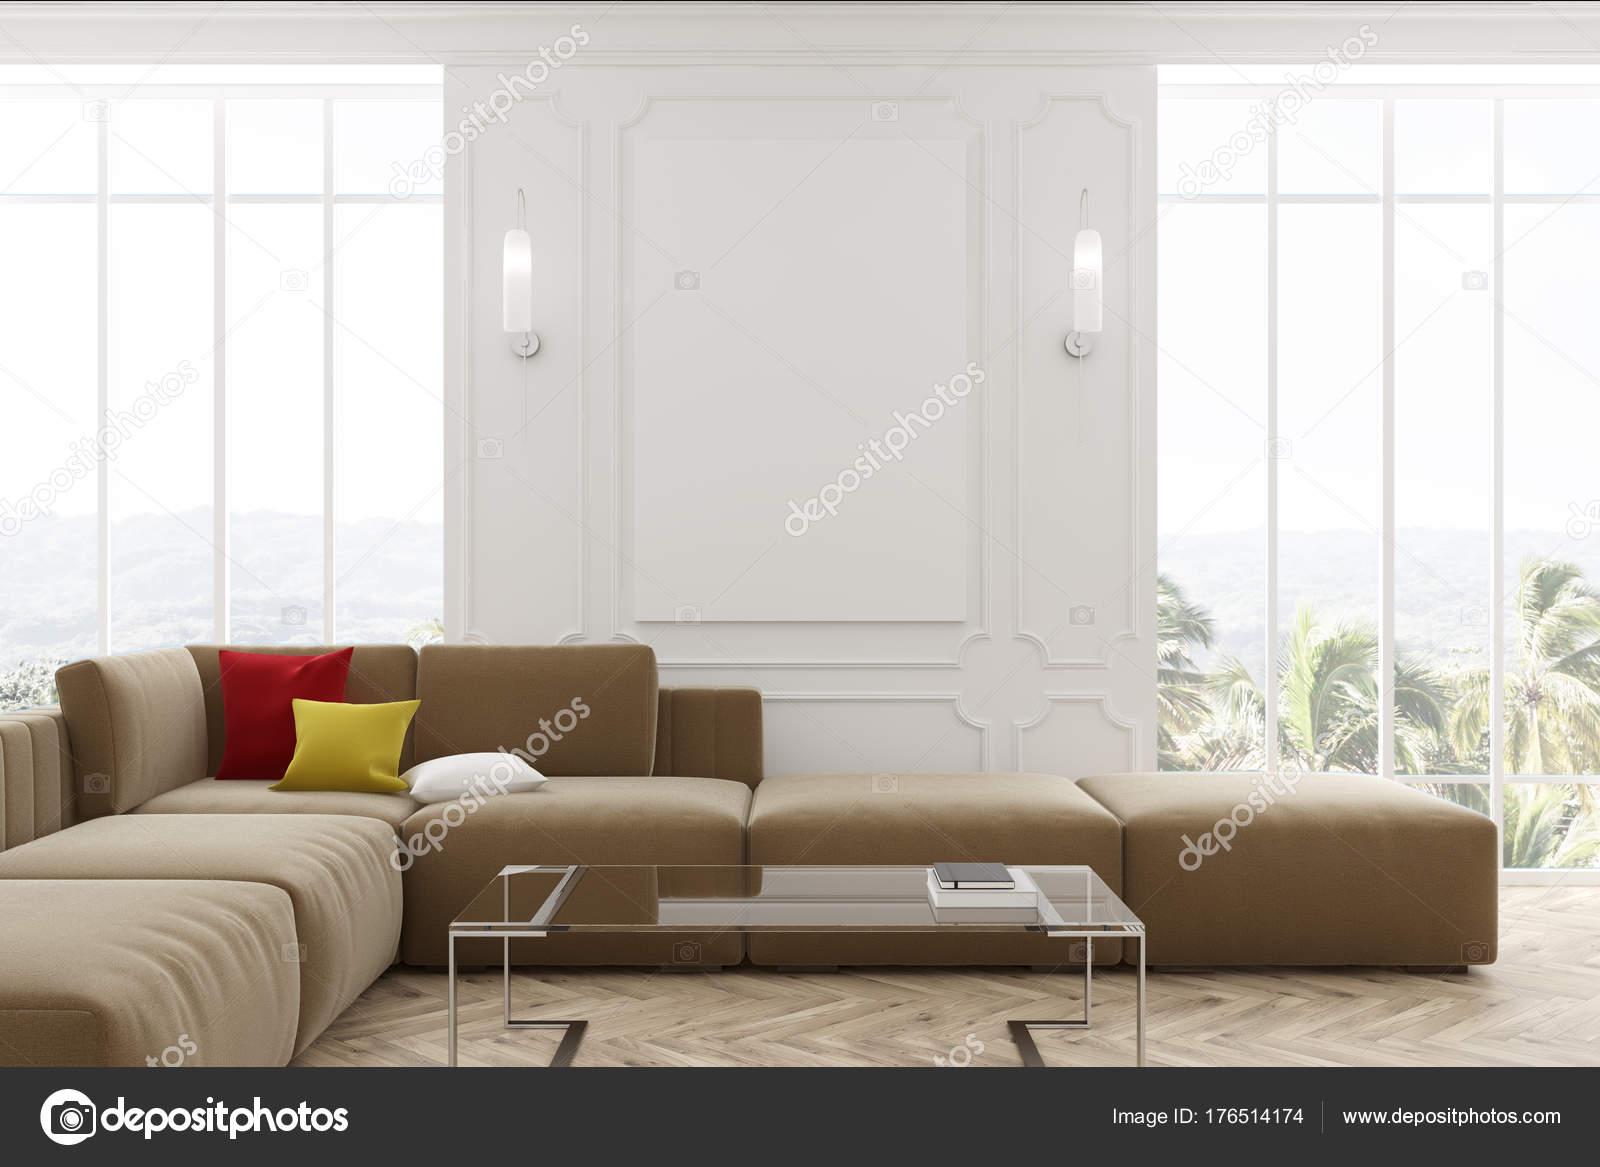 Schon Weiße Wohnzimmer, Beige Sofa Und Poster U2014 Stockfoto